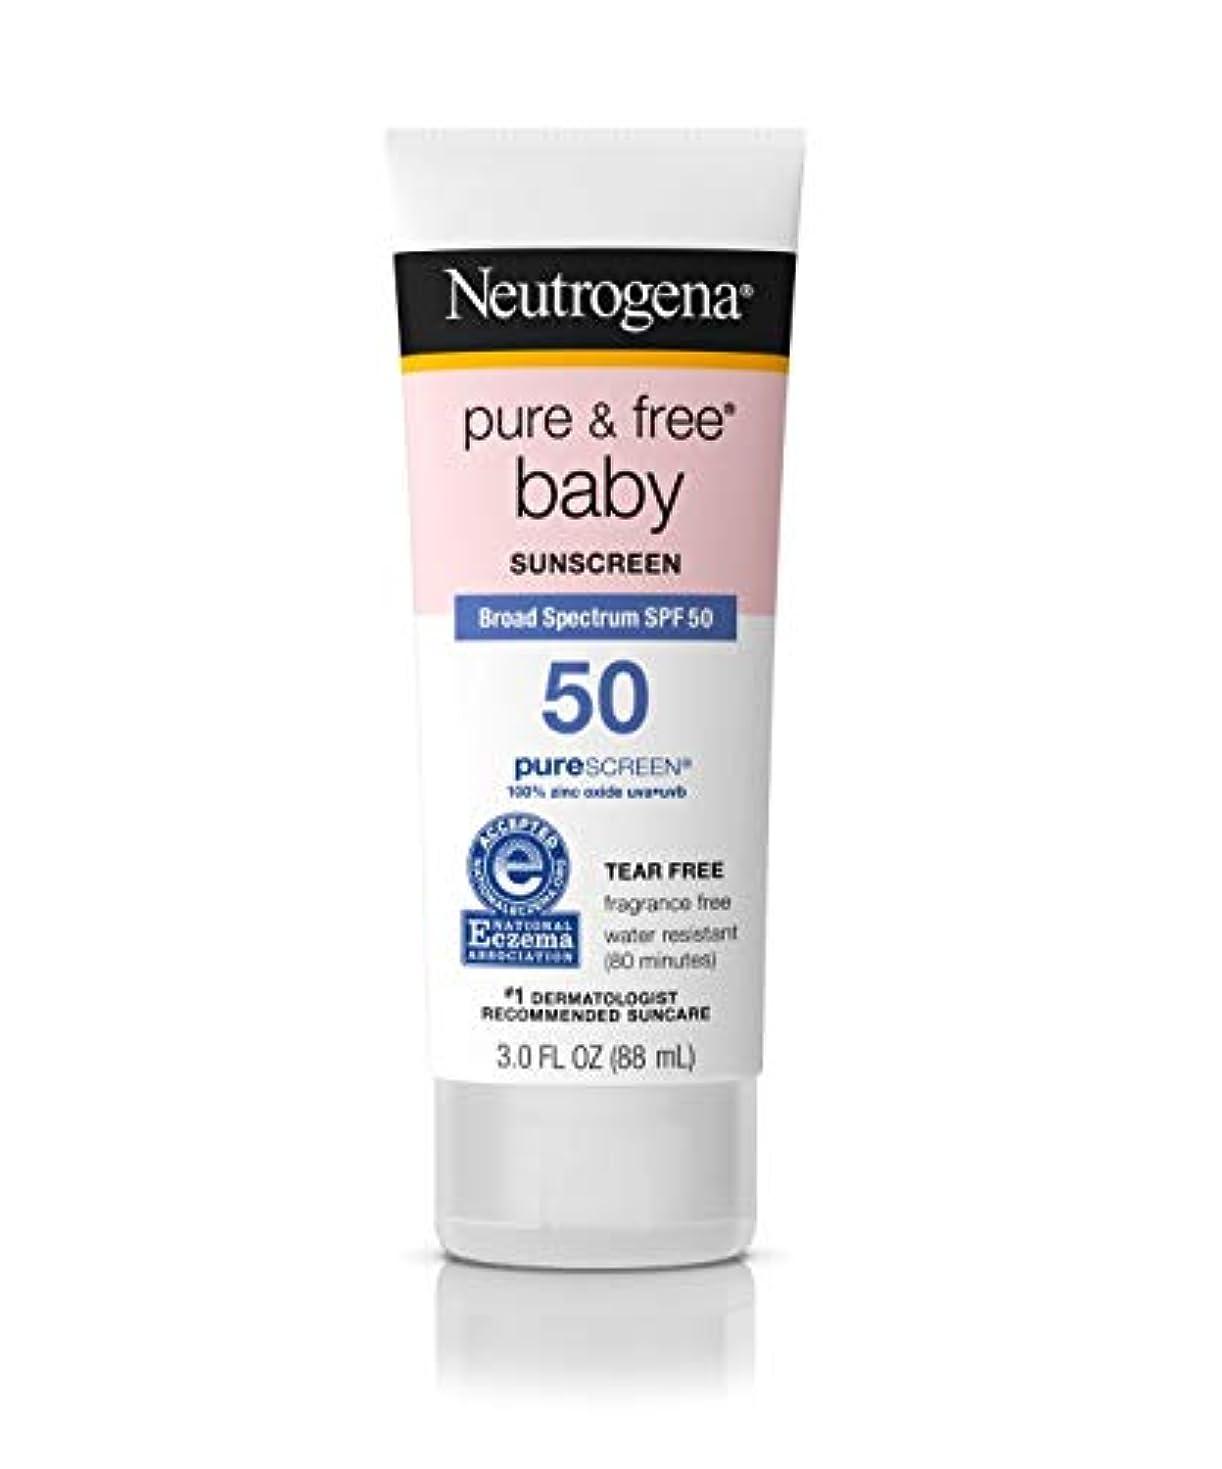 扇動するクリーク拍手ニュートロジーナ ベビー サンスクリーン SPF50 【88ml】 敏感肌 赤ちゃん 日焼け止め